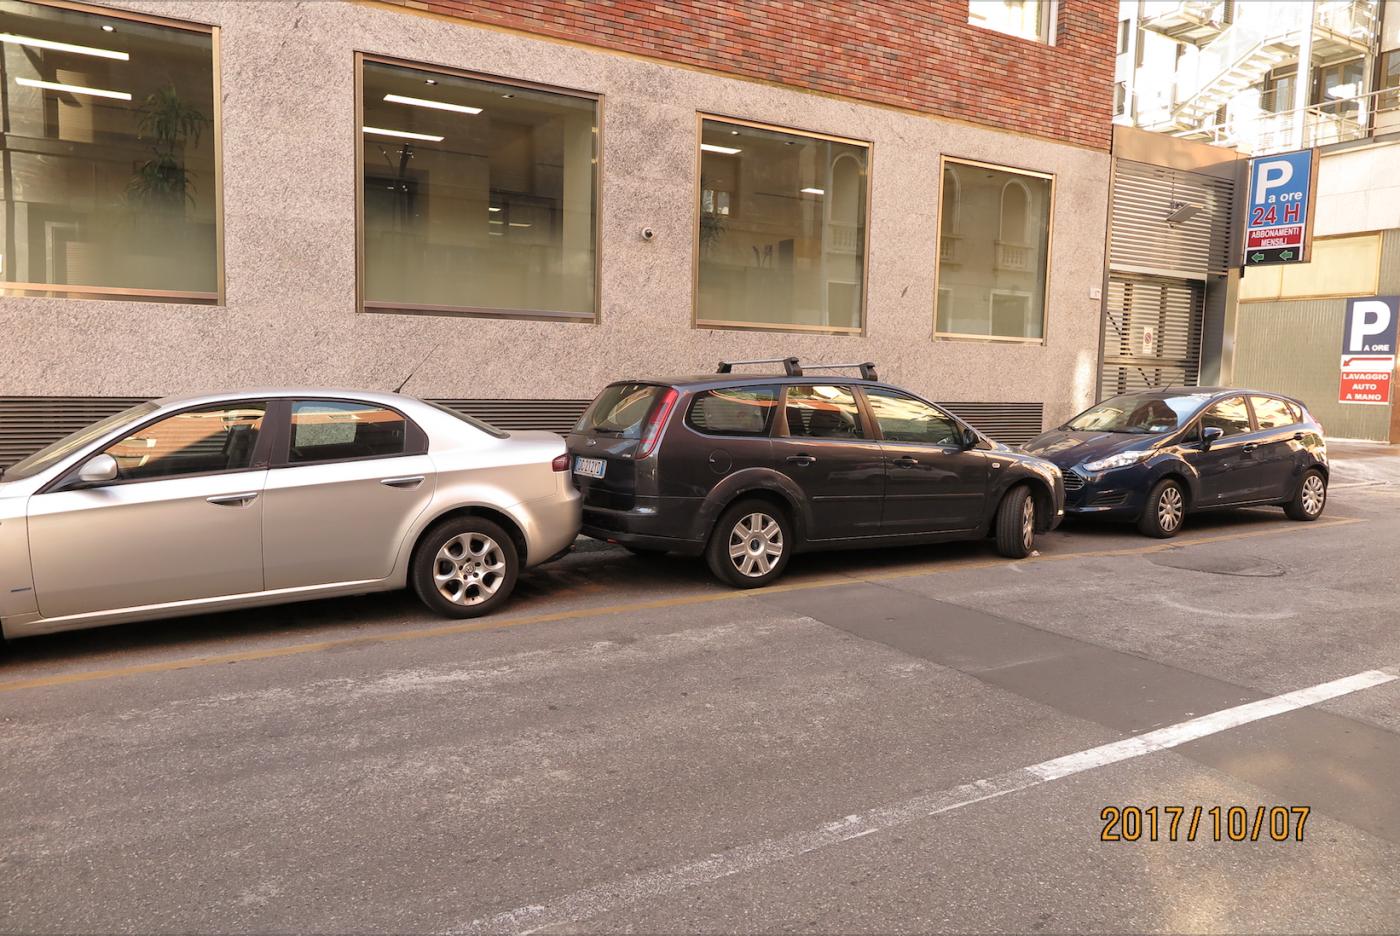 乐趣无穷:抓怕意大利街头的形形色色_图1-17